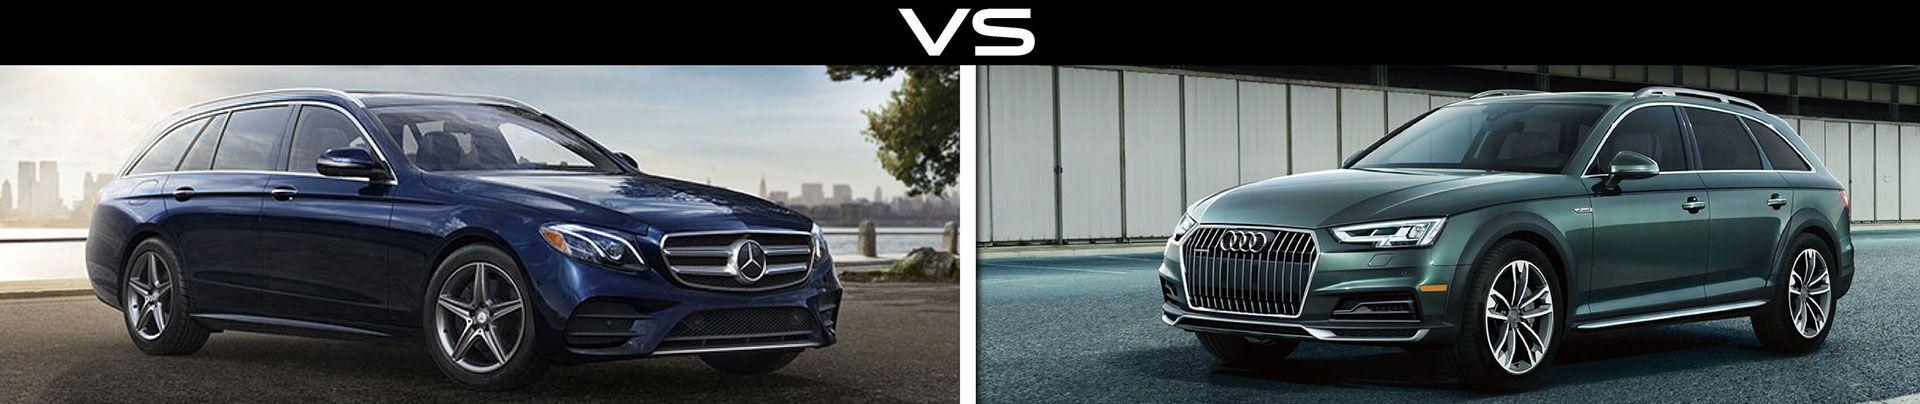 Jaguar XF Sportbrake vs Mercedes-Benz E400 vs Audi A4 Allroad